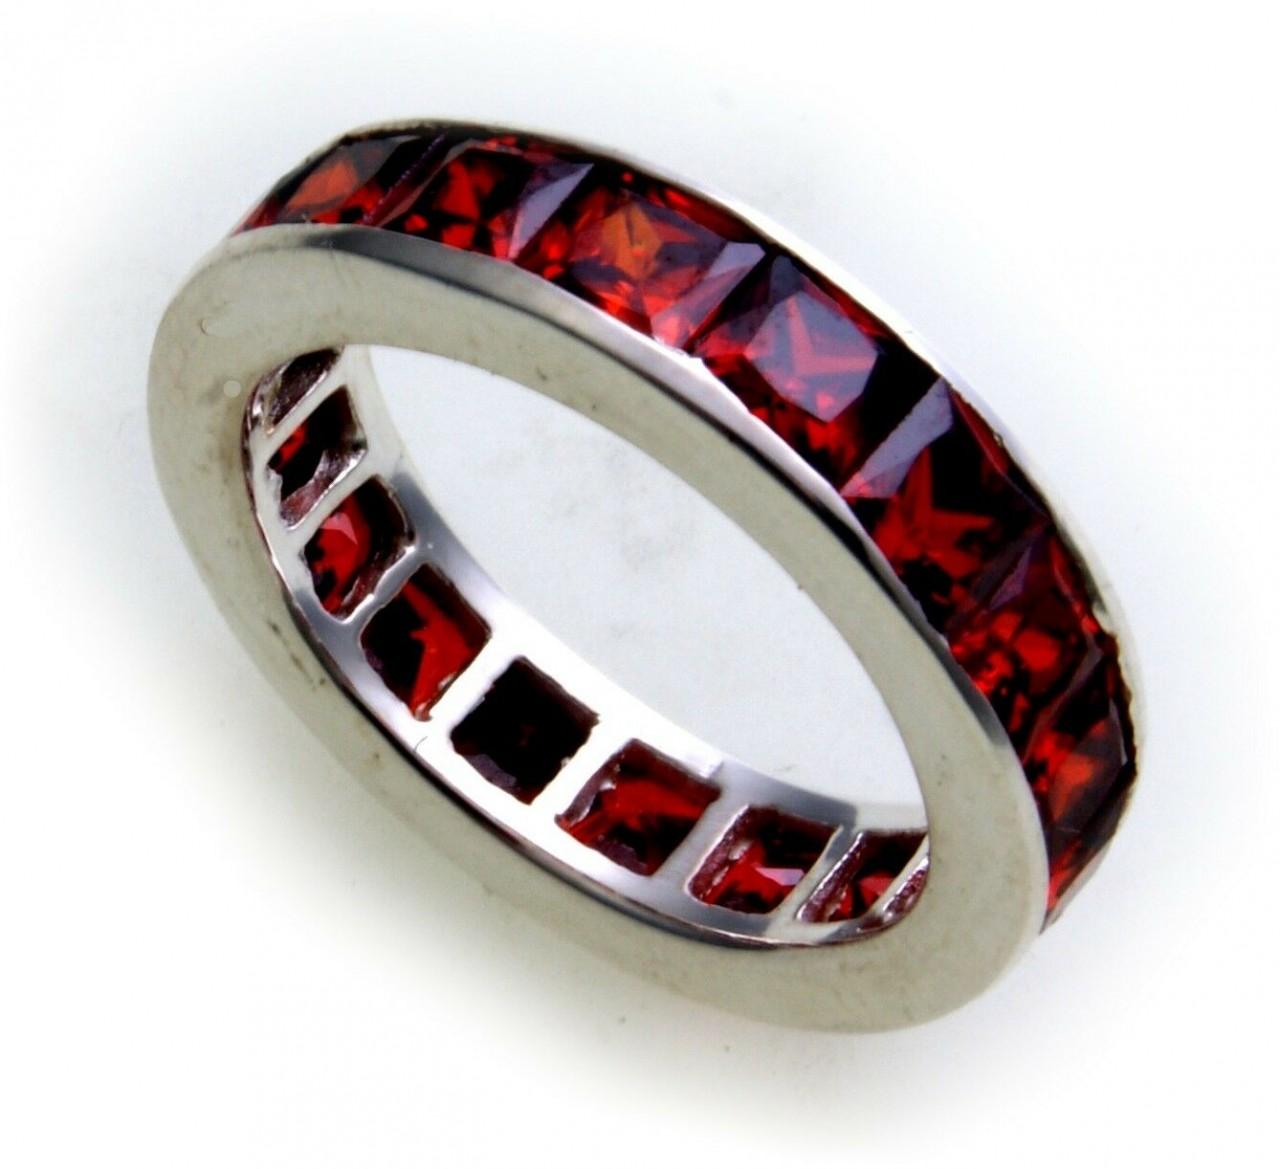 Damen Ring rot echt Silber 925 Zirkonia ganzum Sterlingsilber Qualität